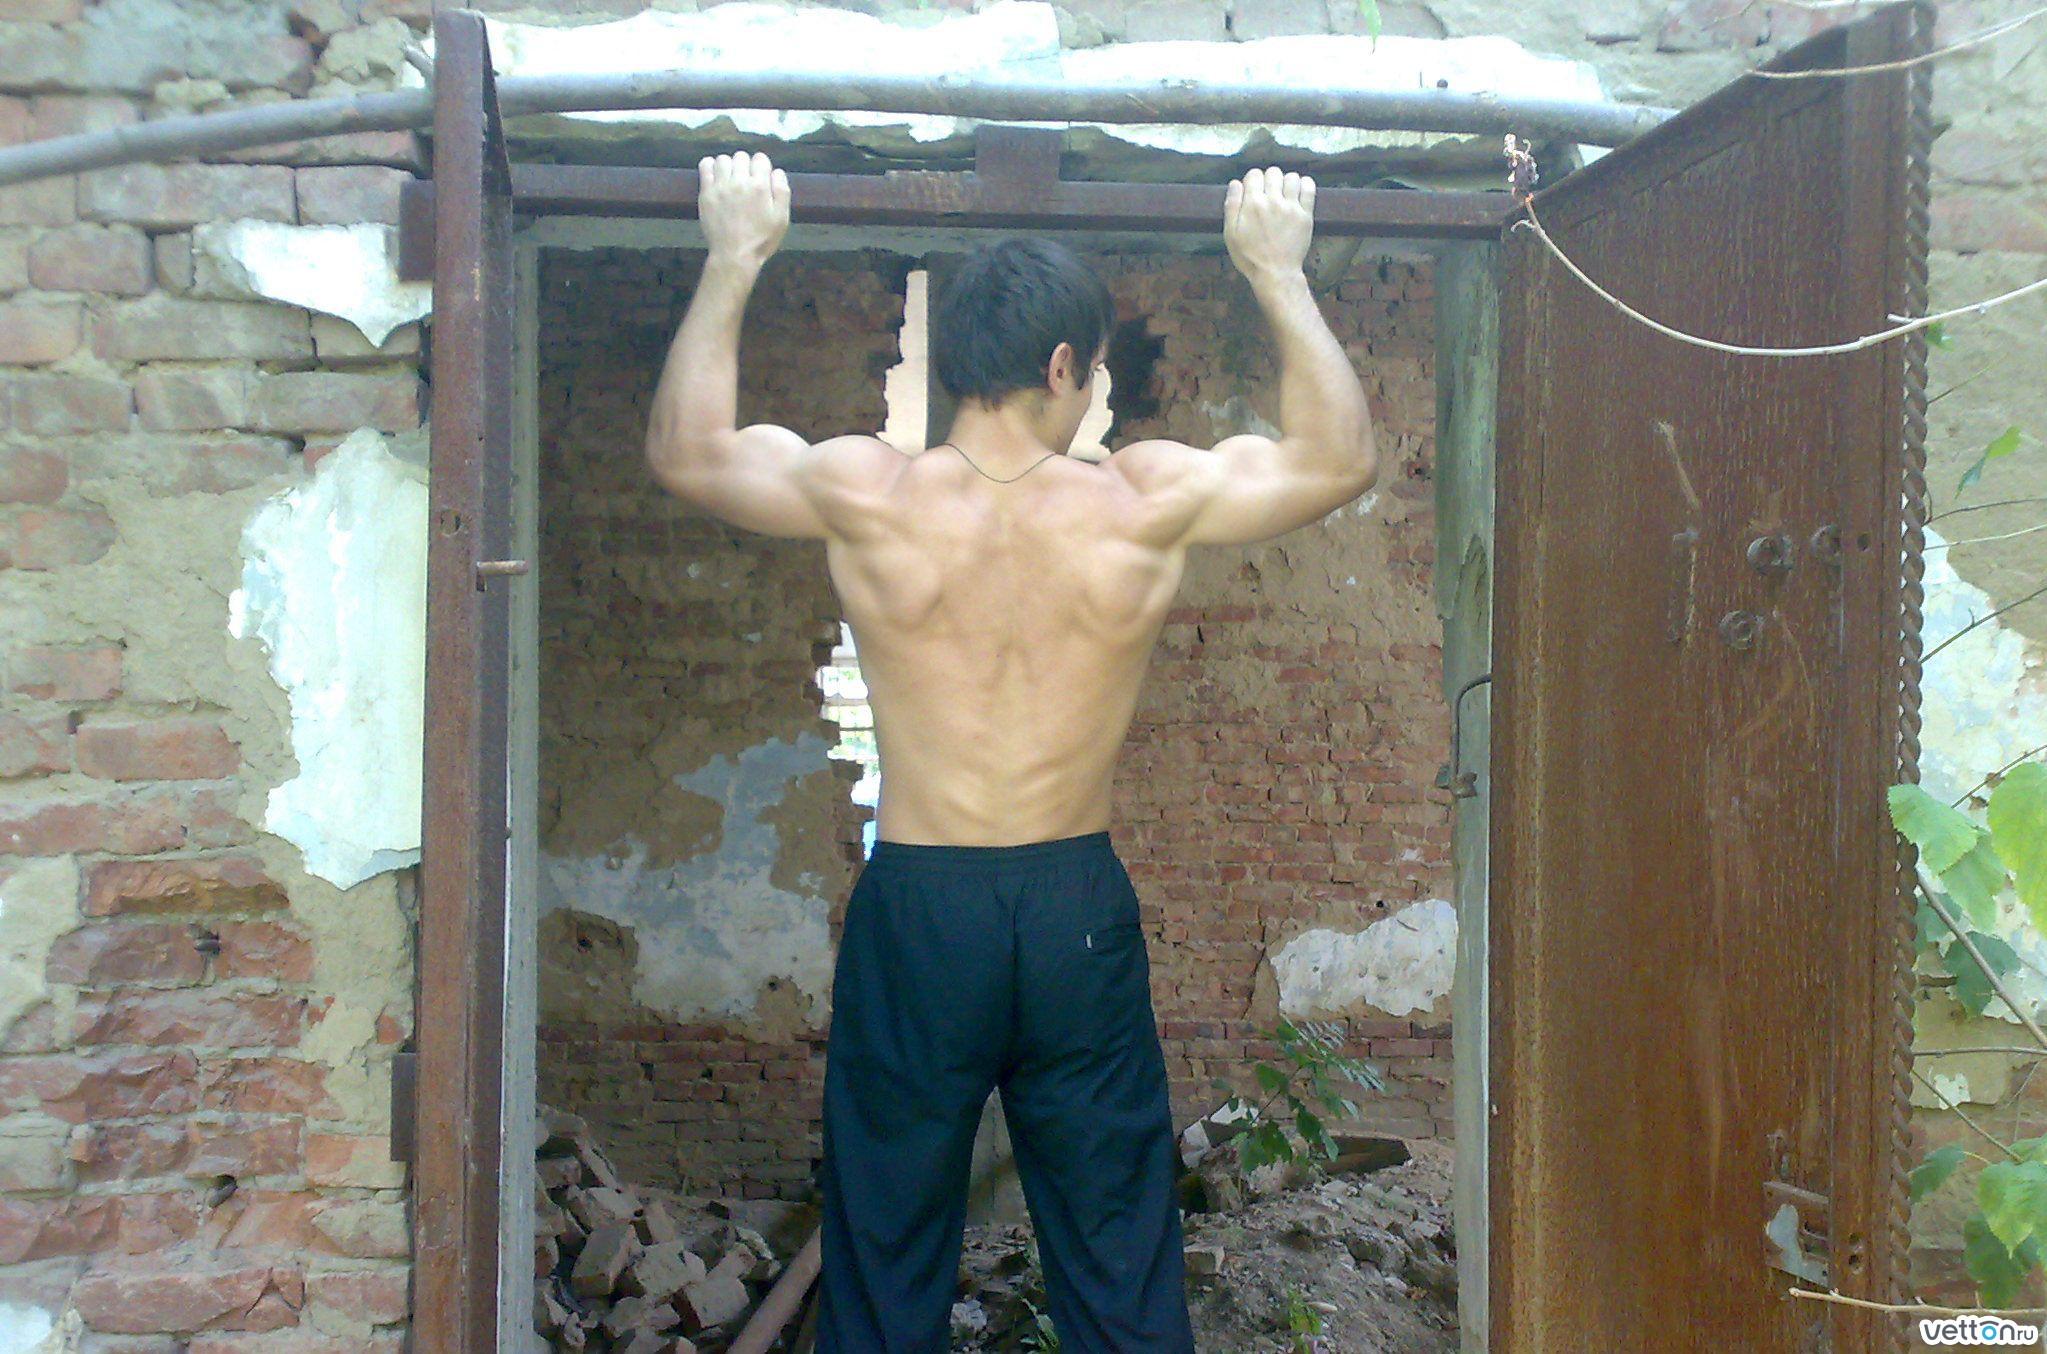 фото мужчины со спины 600 на 600 пикселей